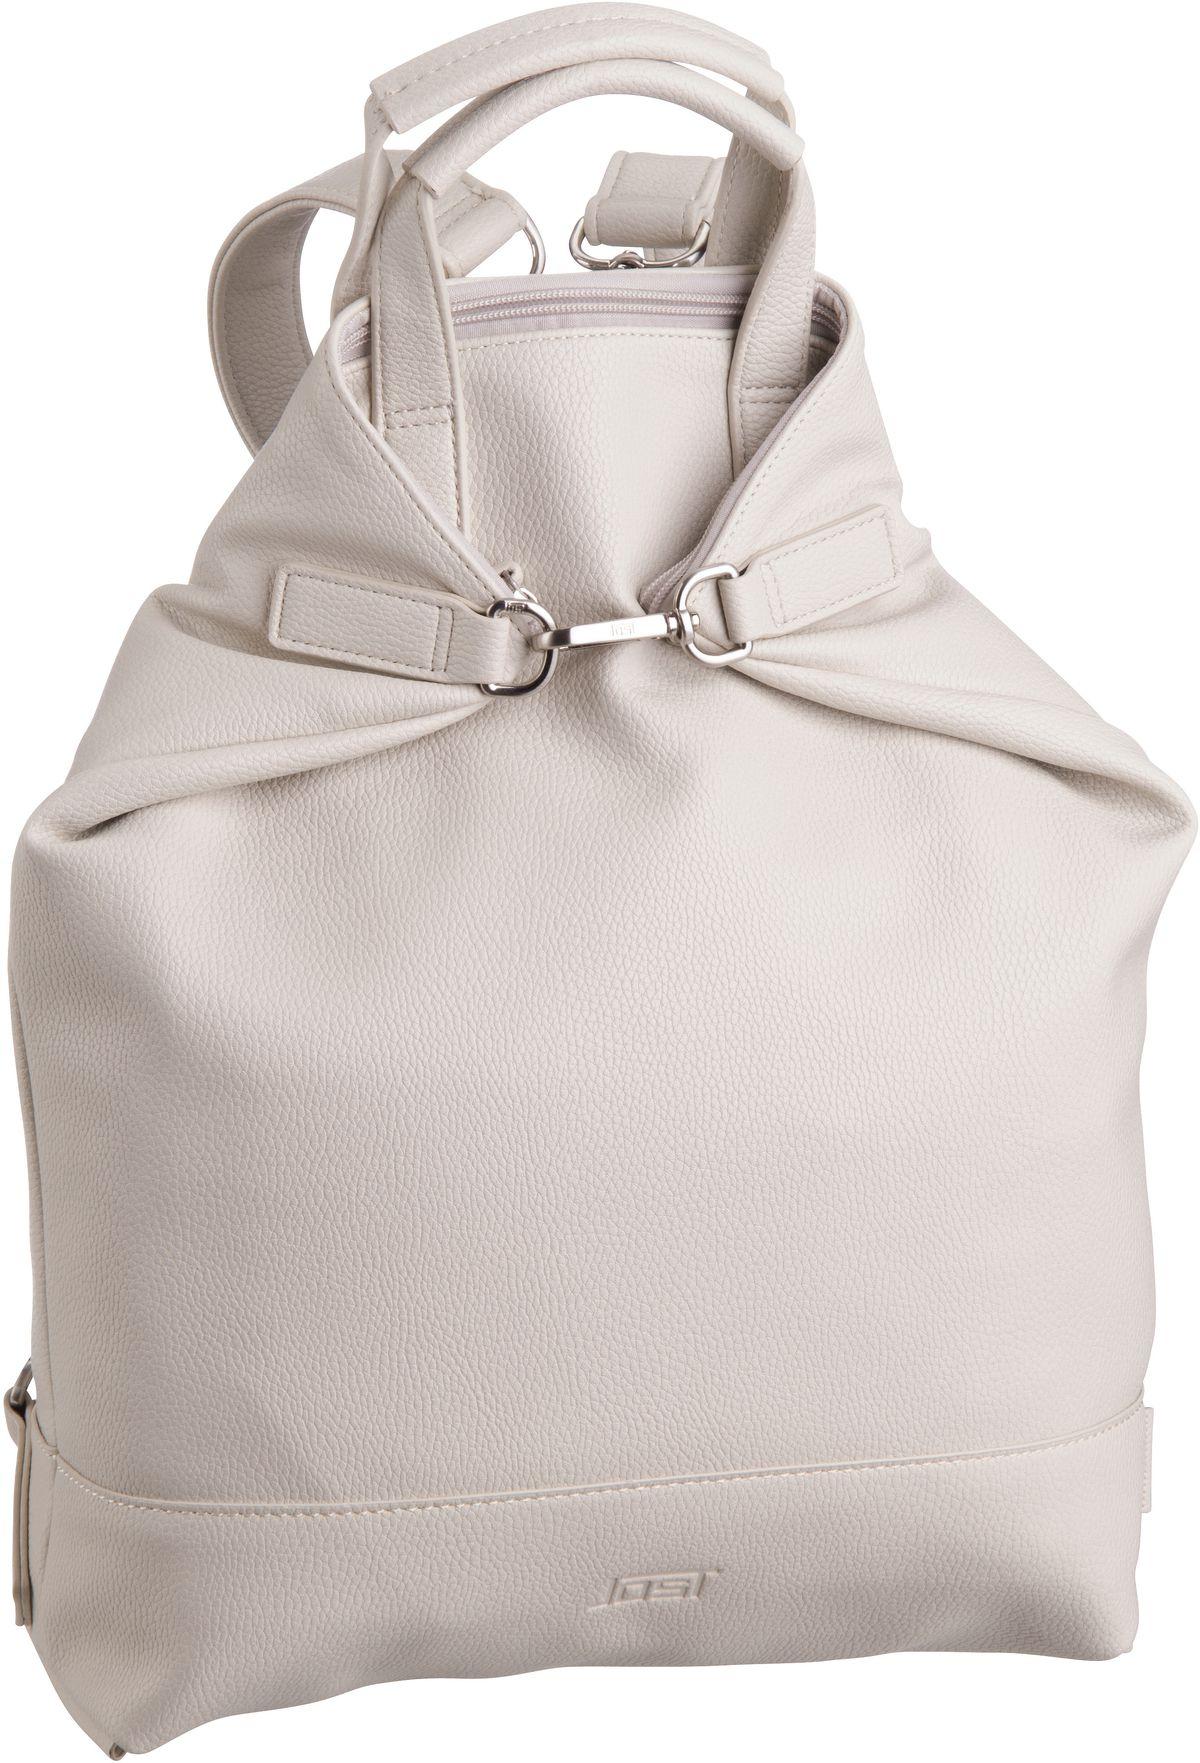 Rucksack / Daypack Merritt 2671 X-Change Bag S Offwhite